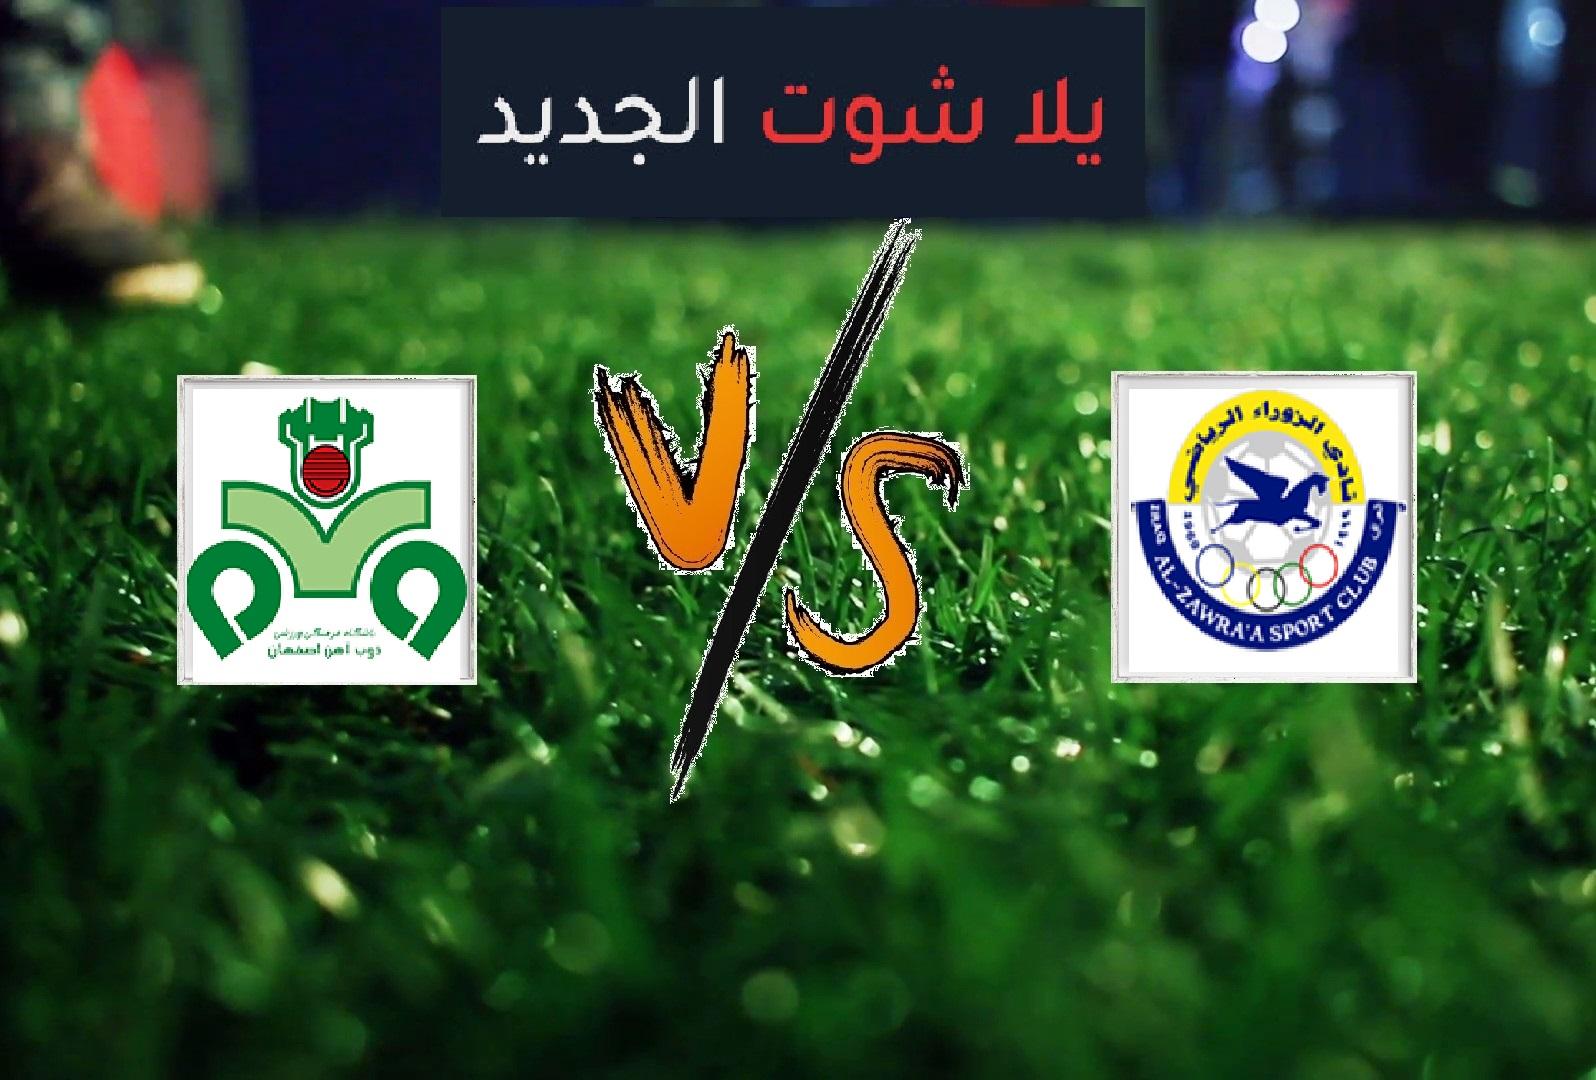 نتيجة مباراة الزوراء وذوب آهن اصفهان اليوم الثلاثاء بتاريخ 07-05-2019 دوري أبطال آسيا